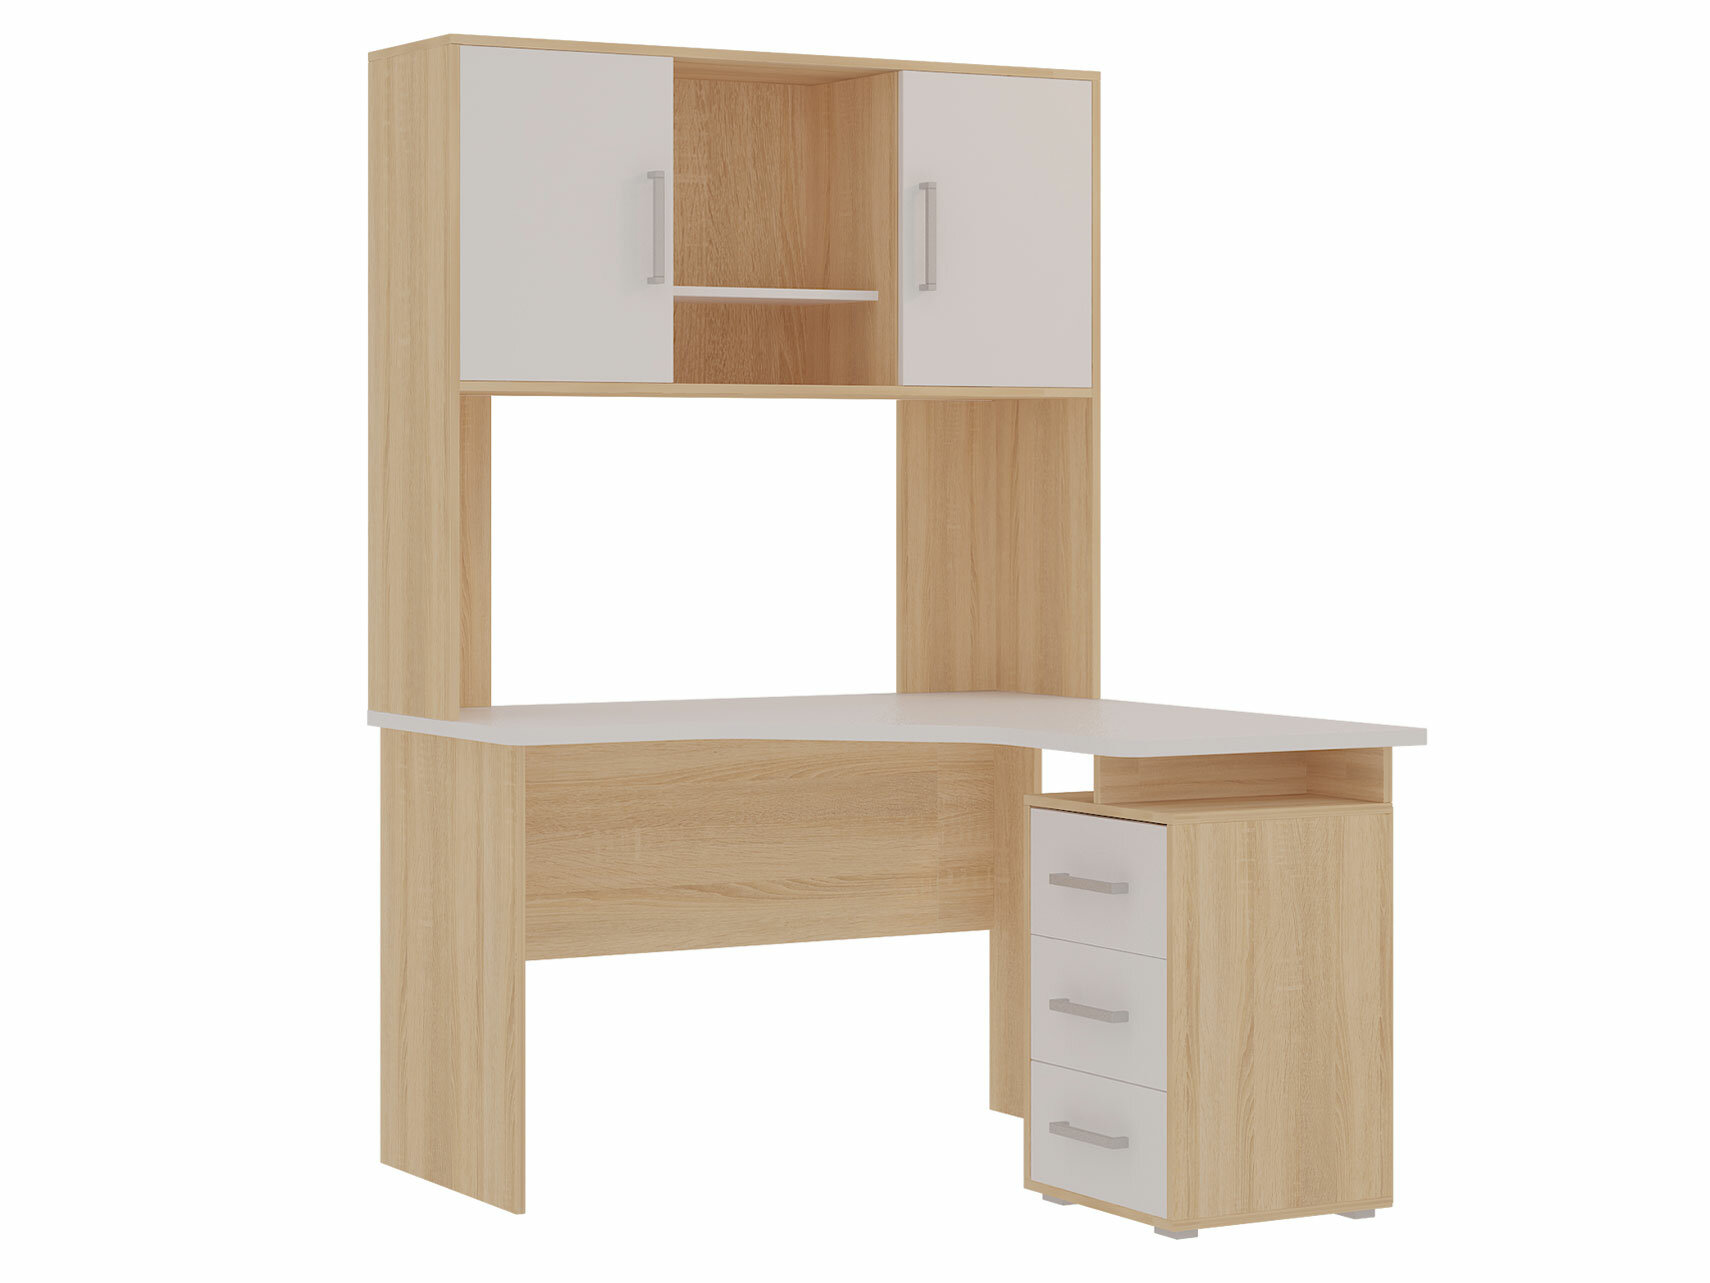 Компьютерный стол Мебельсон SKL2.2N02 + NKL02S1.2 Белый